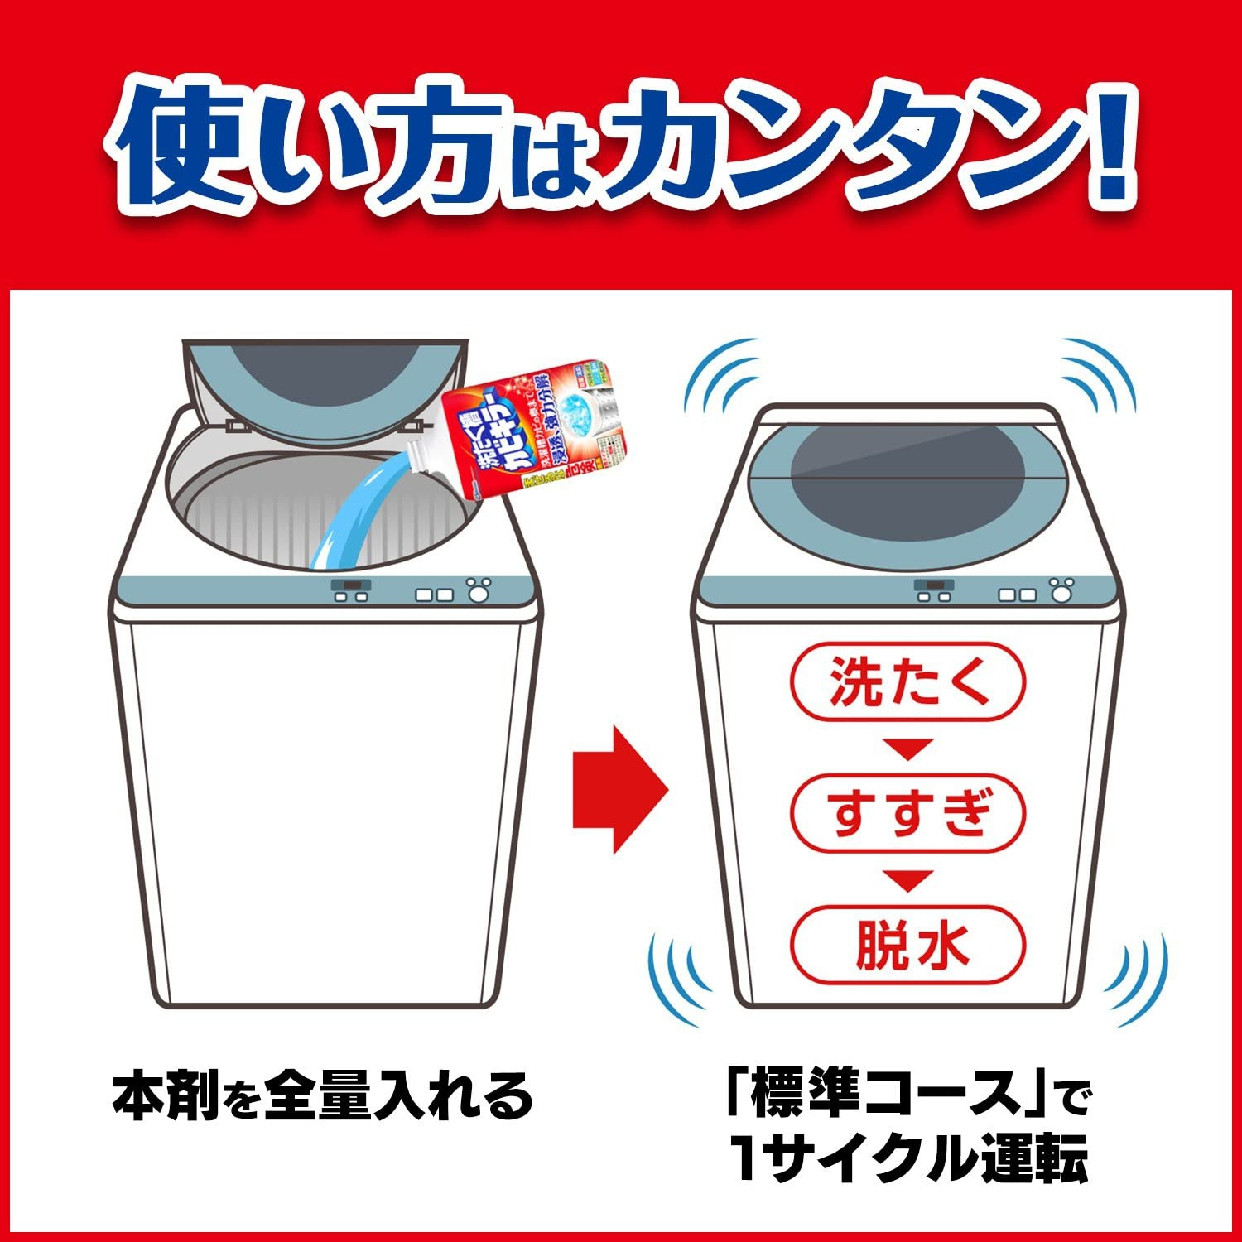 カビキラー 洗たく槽カビキラー (塩素系)の商品画像6